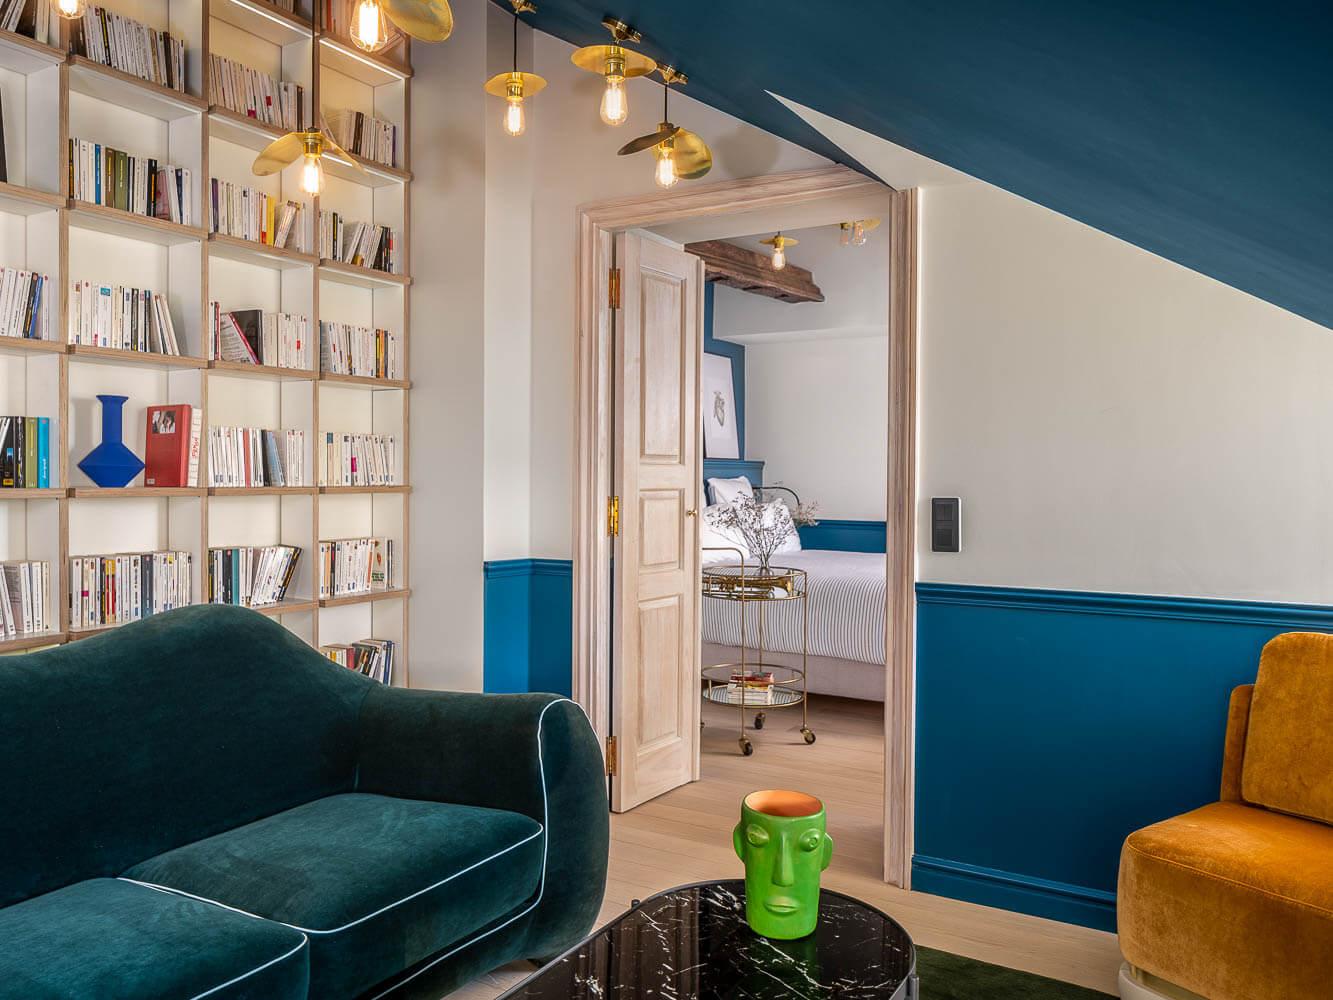 Le Chouchou Hotel ouvre ses portes à deux pas de l'Opéra dans le 9e arrondissement de Paris. L'hôtel à l'esprit « pop » offre 63 chambres au décor signé Michael Malapert, un espace « guinguette » avec bar et food market, une scène ouverte et bientôt des bains privatifs.